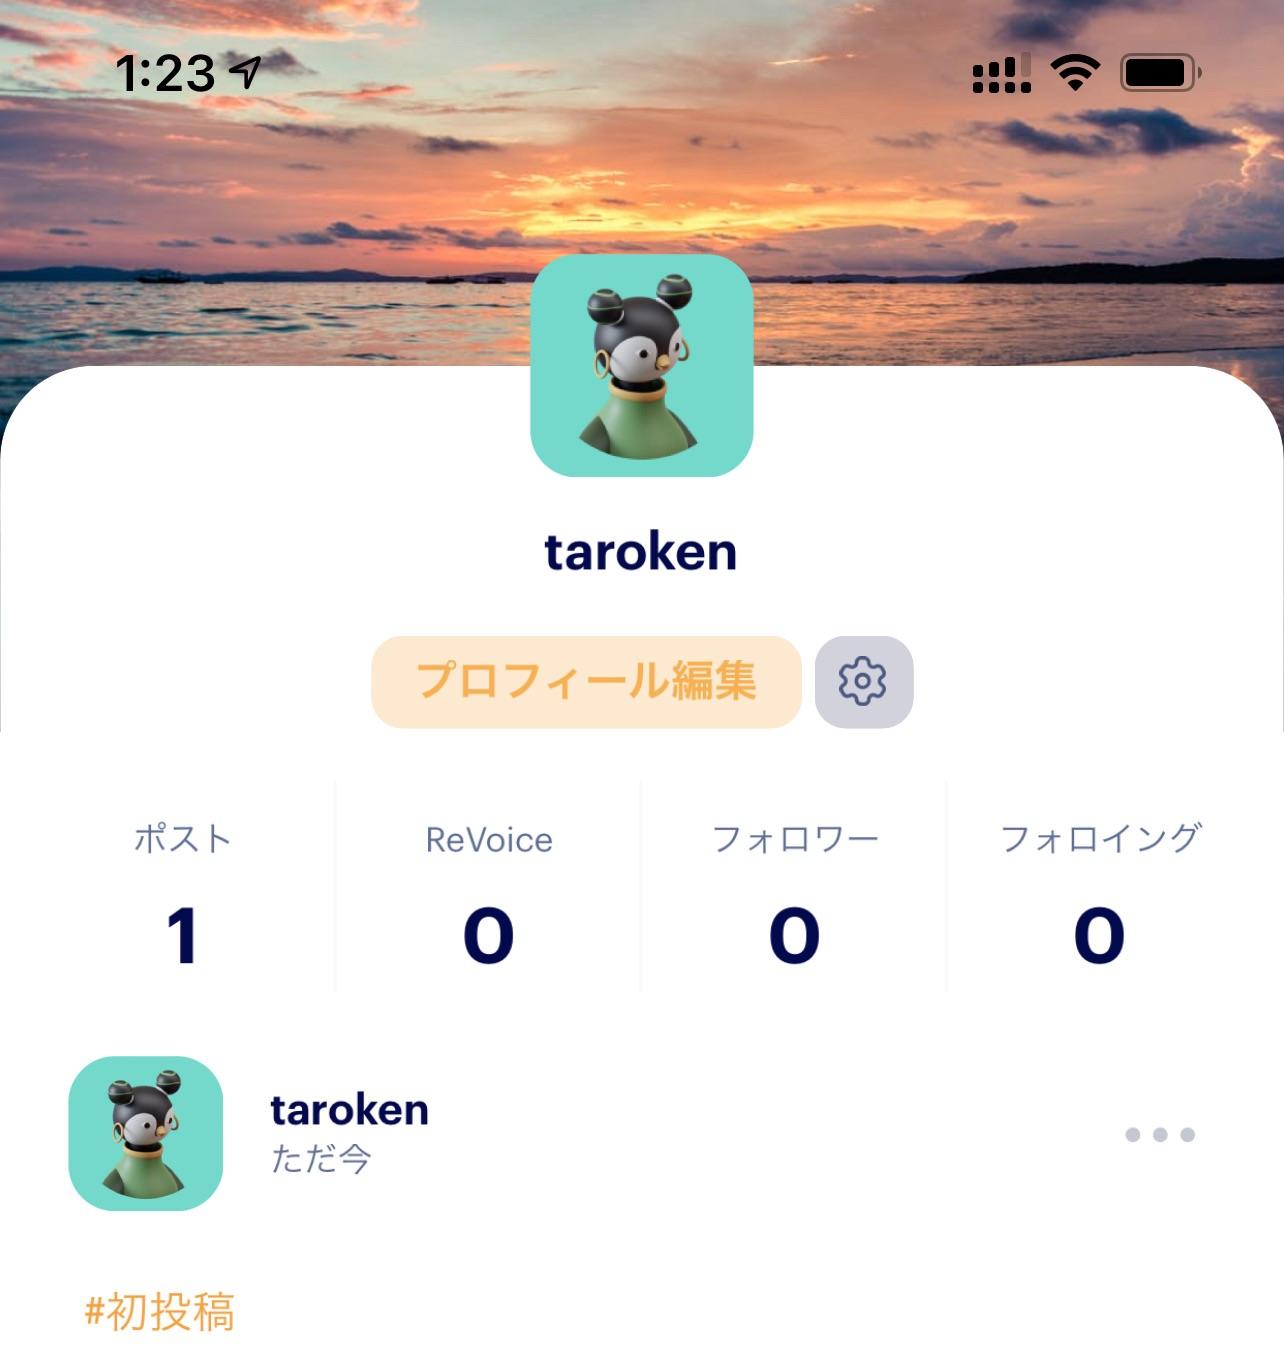 Uploaded by @taroken